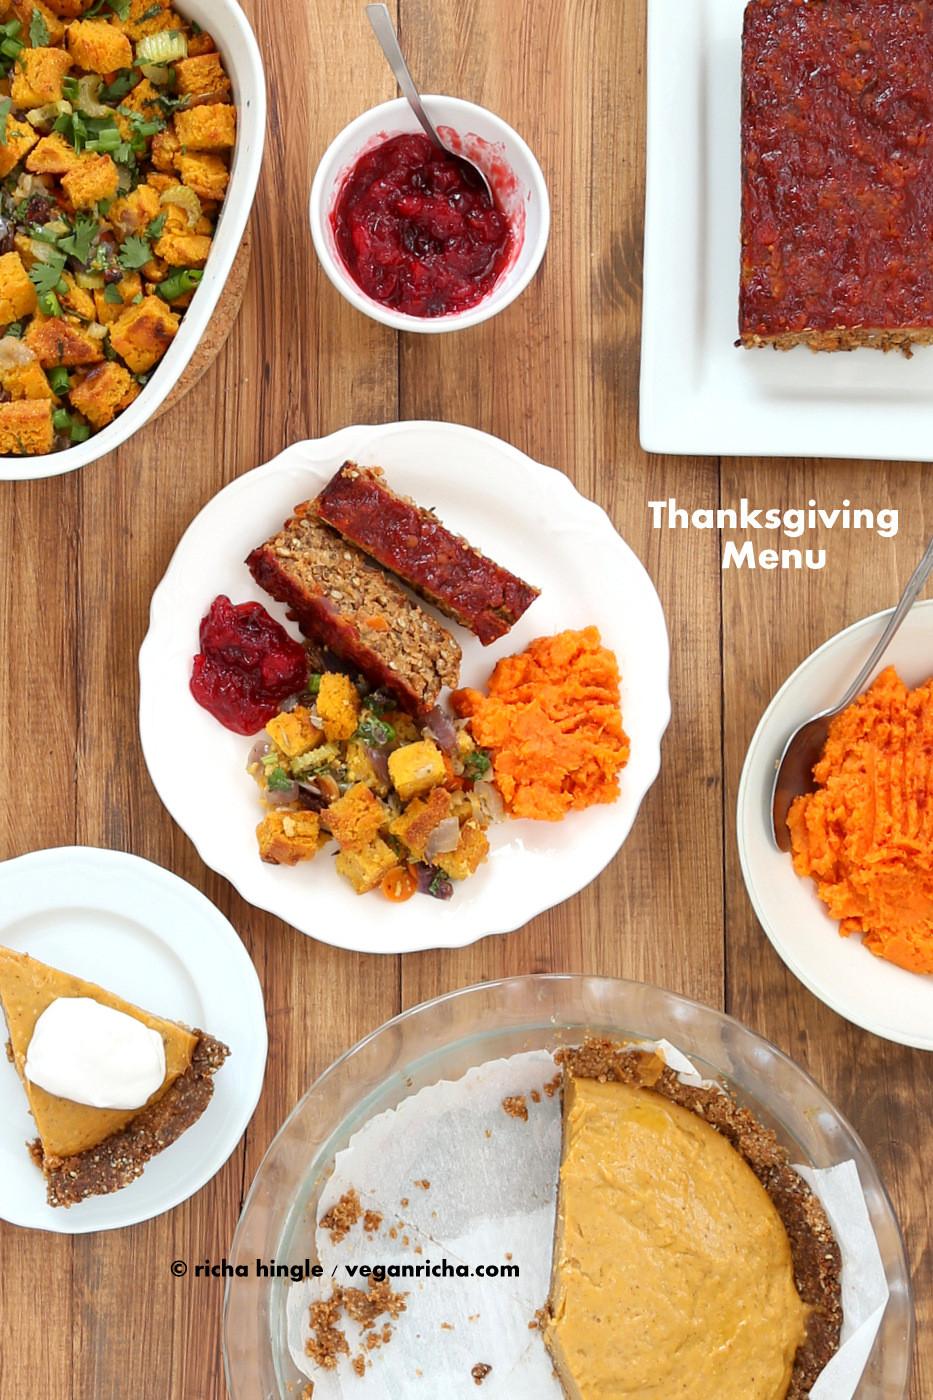 Vegan Thanksgiving Loaf  80 Vegan Thanksgiving Recipes 2014 Vegan Richa